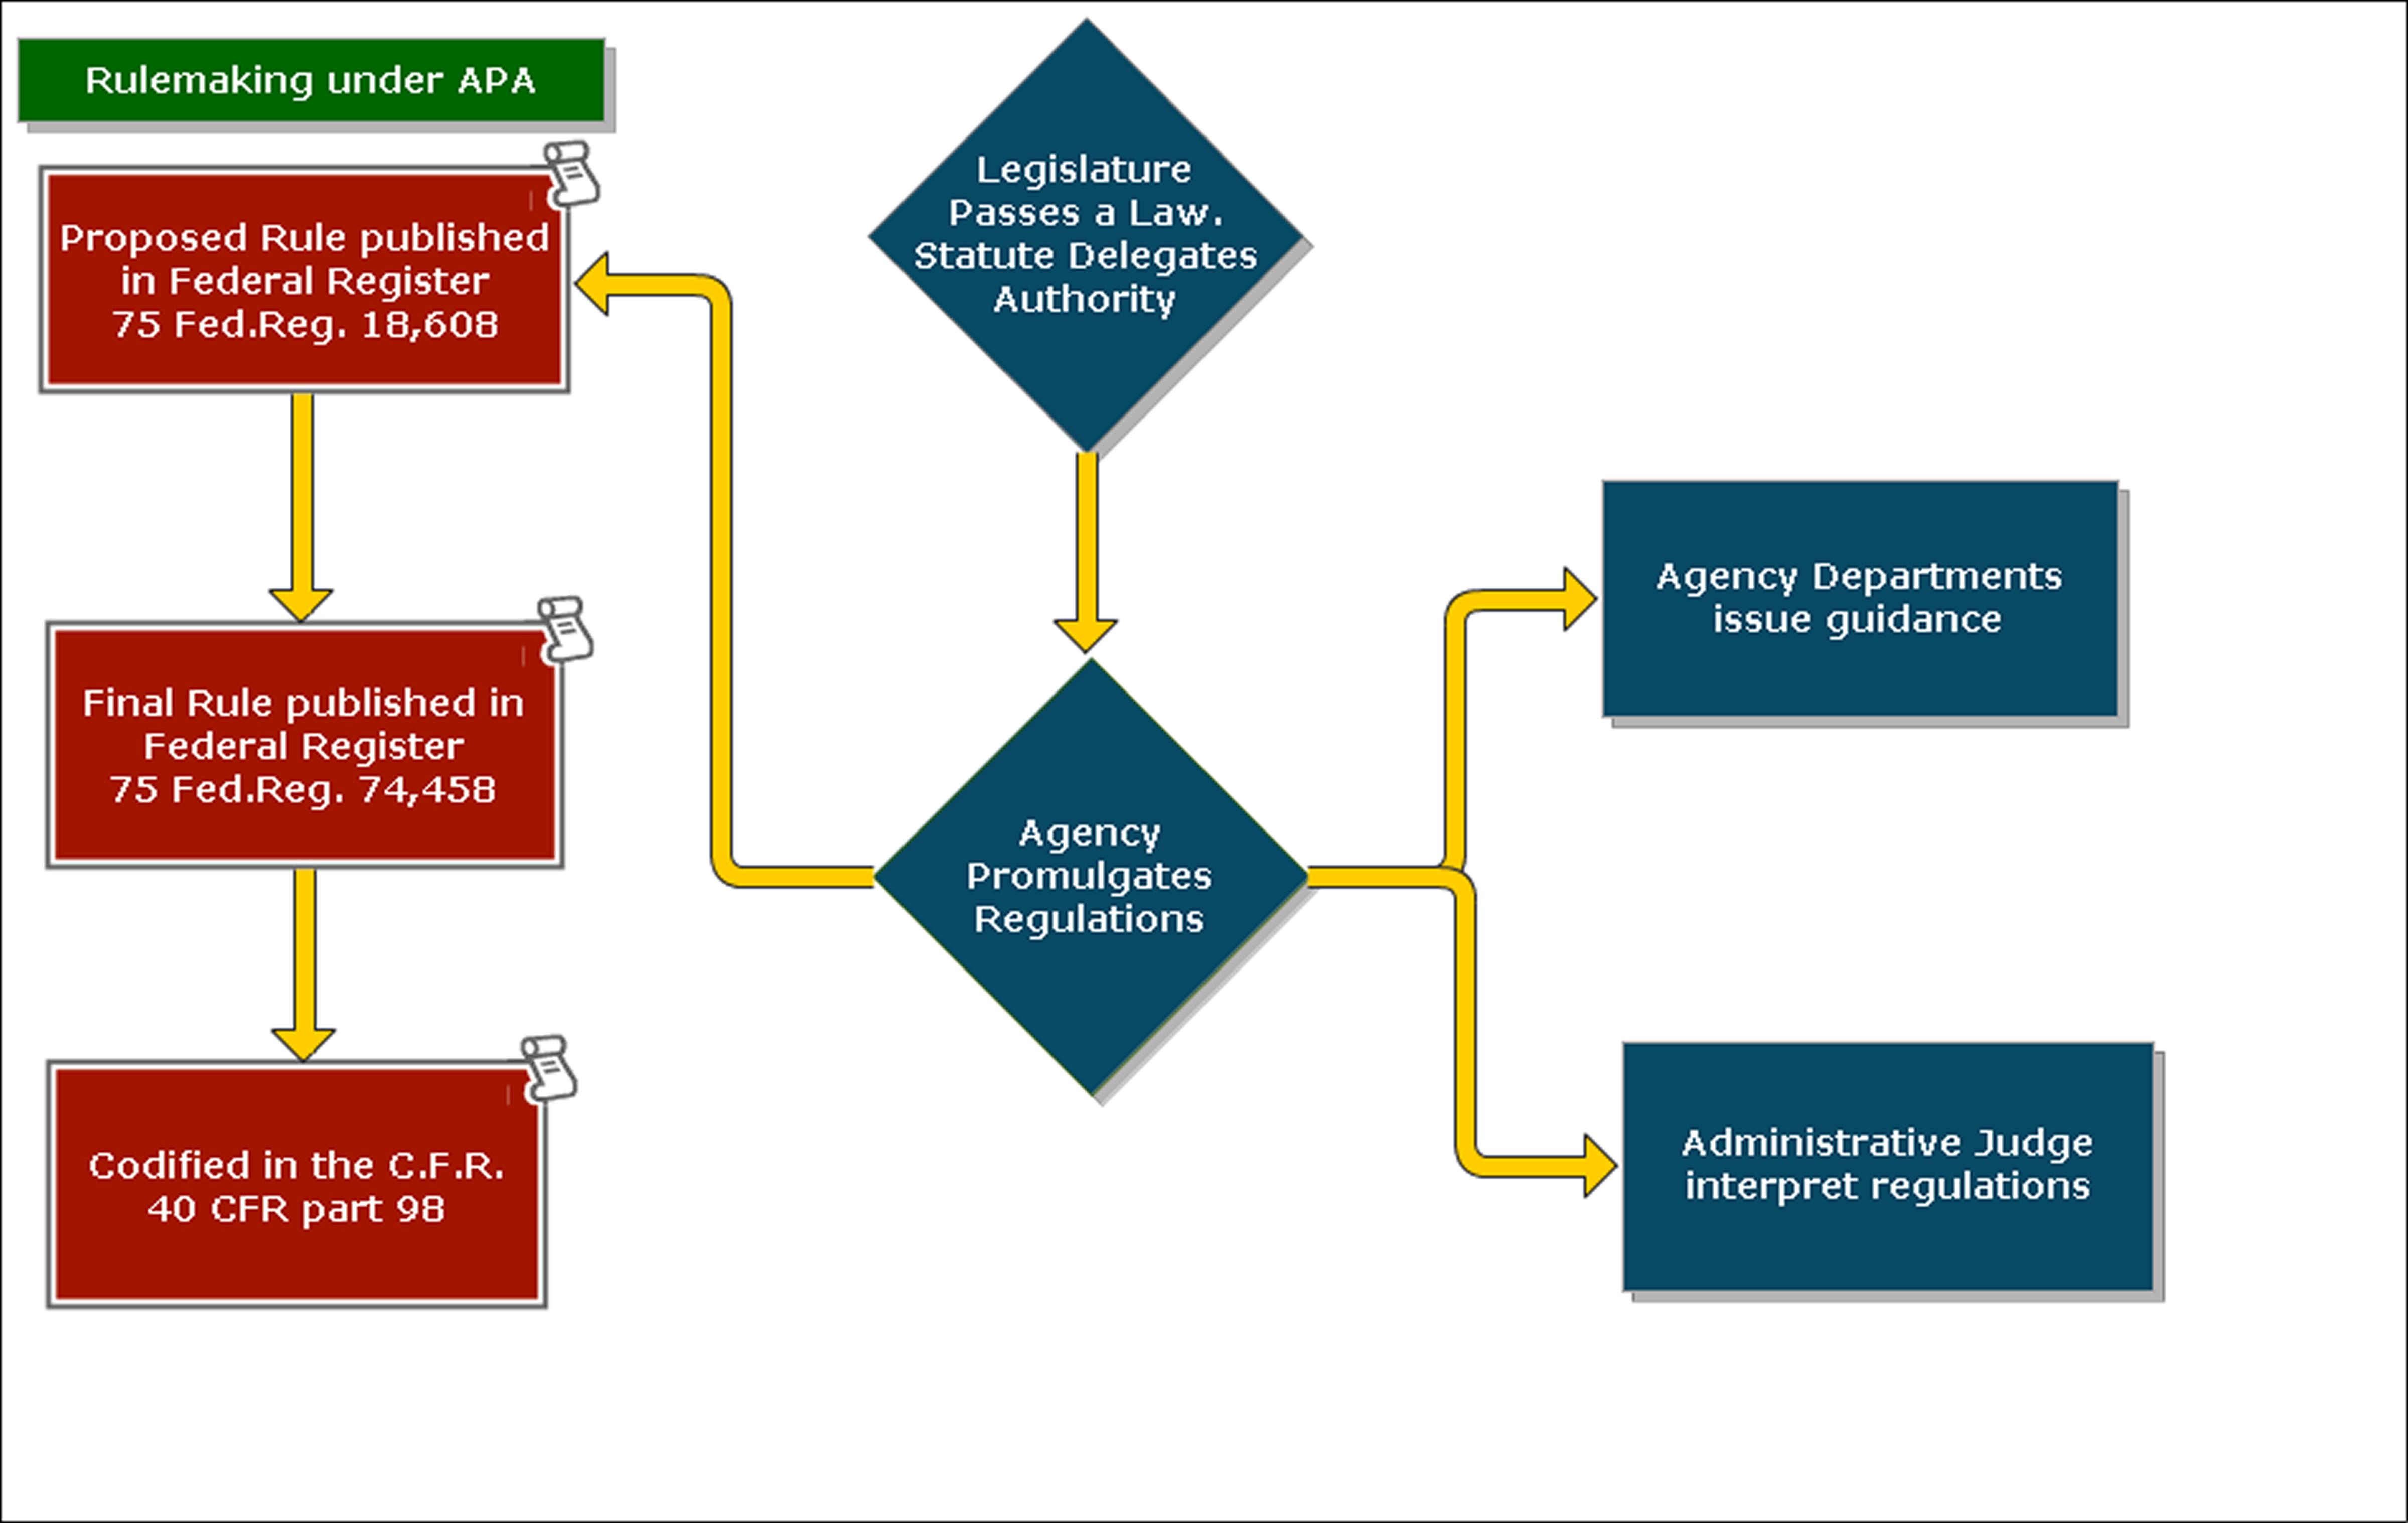 APA Rulemaking Chart